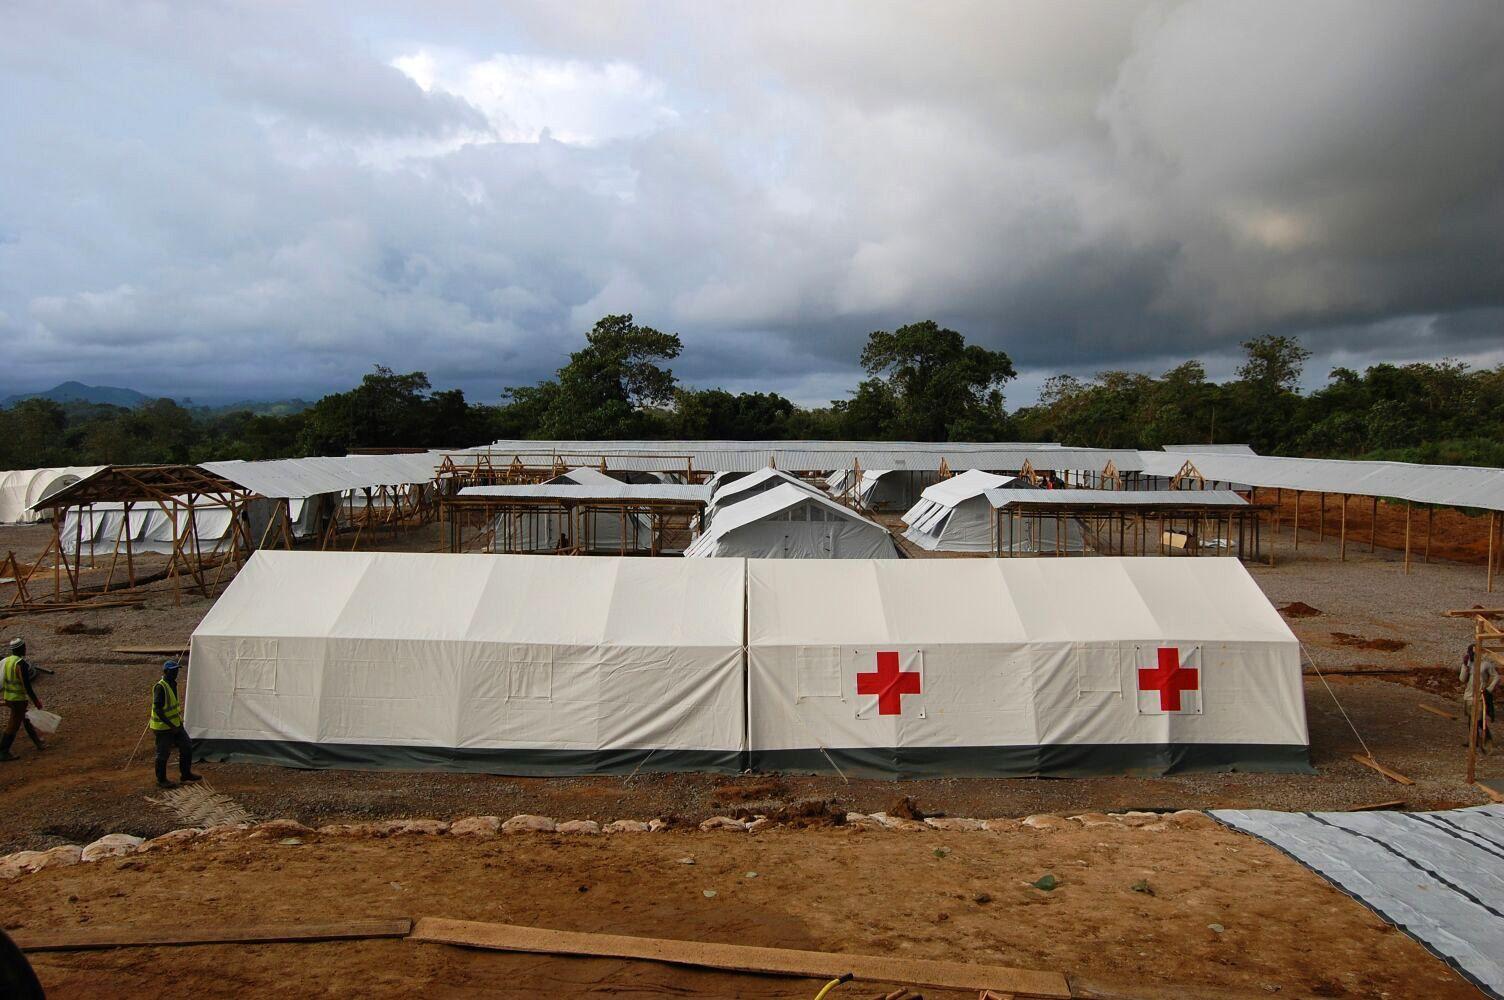 alumno-ceu-voluntario-ebola-21